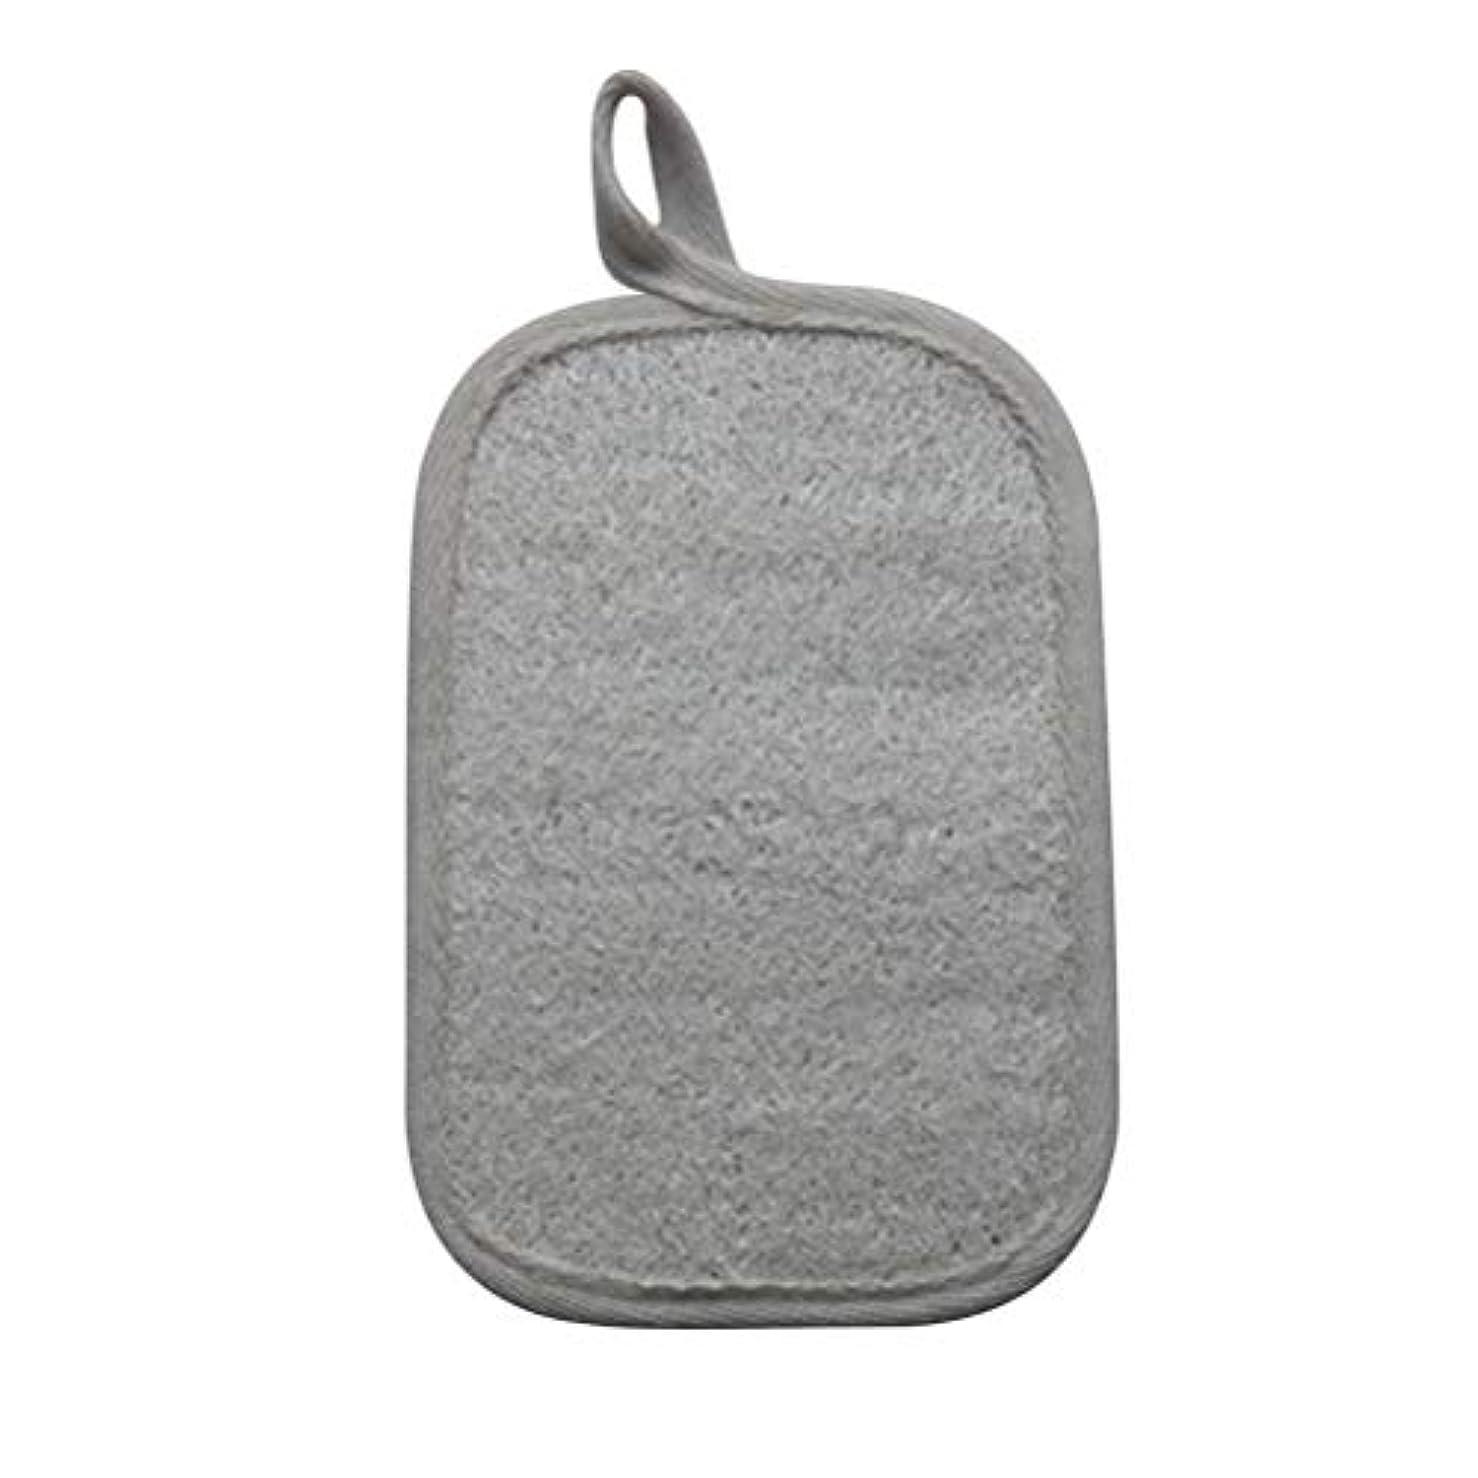 活力現象テナントHEALIFTY シャワーのための自然なLoofahのスポンジパッドの風呂の剥離Loofahのスポンジのスクラバー